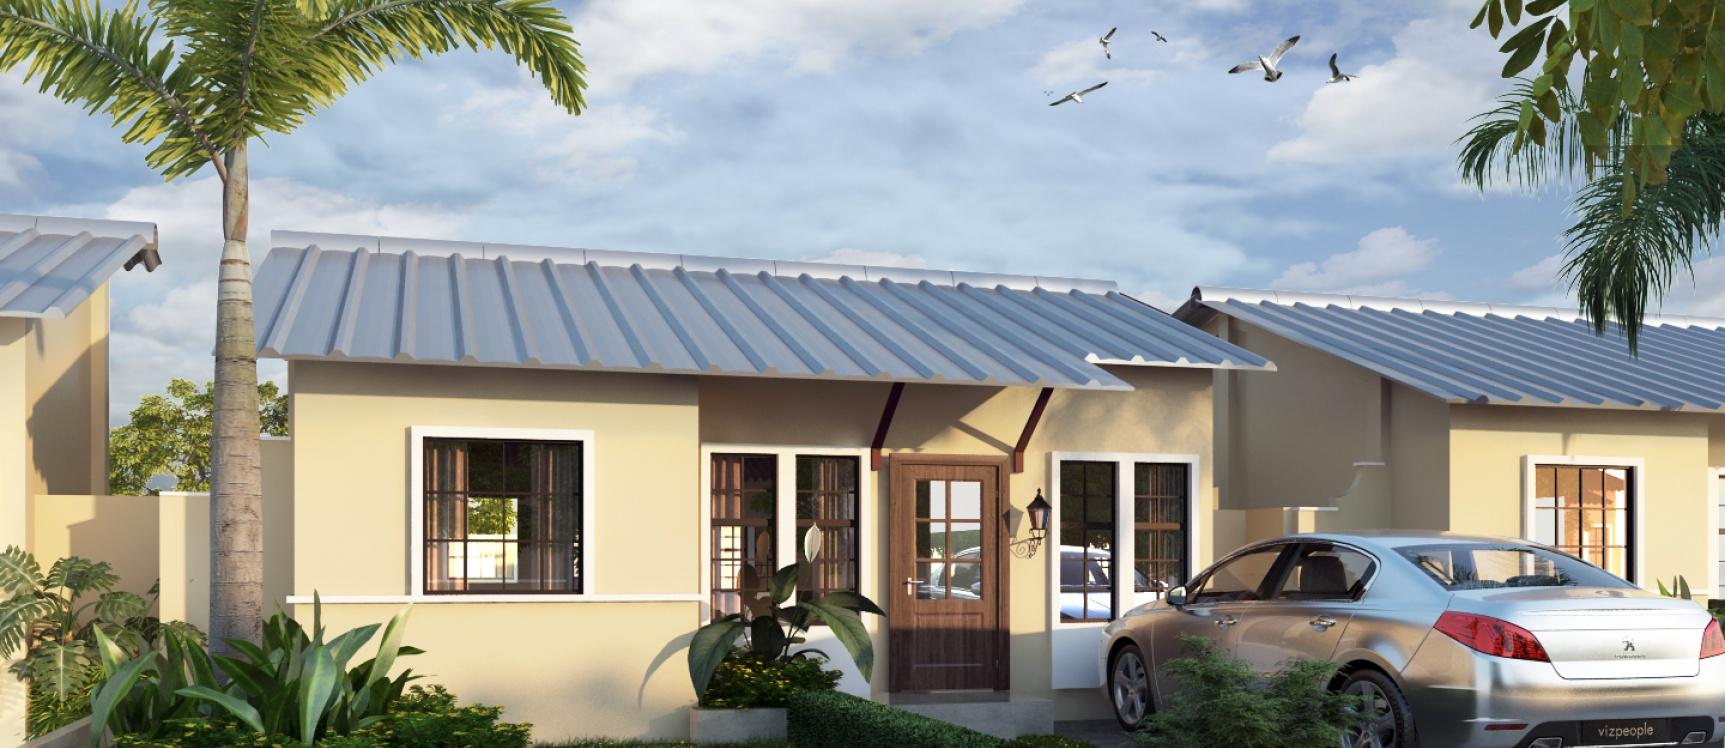 GeoBienes - Casa en venta en Las Delicias sector Vía a Samborondón - Plusvalia Guayaquil Casas de venta y alquiler Inmobiliaria Ecuador